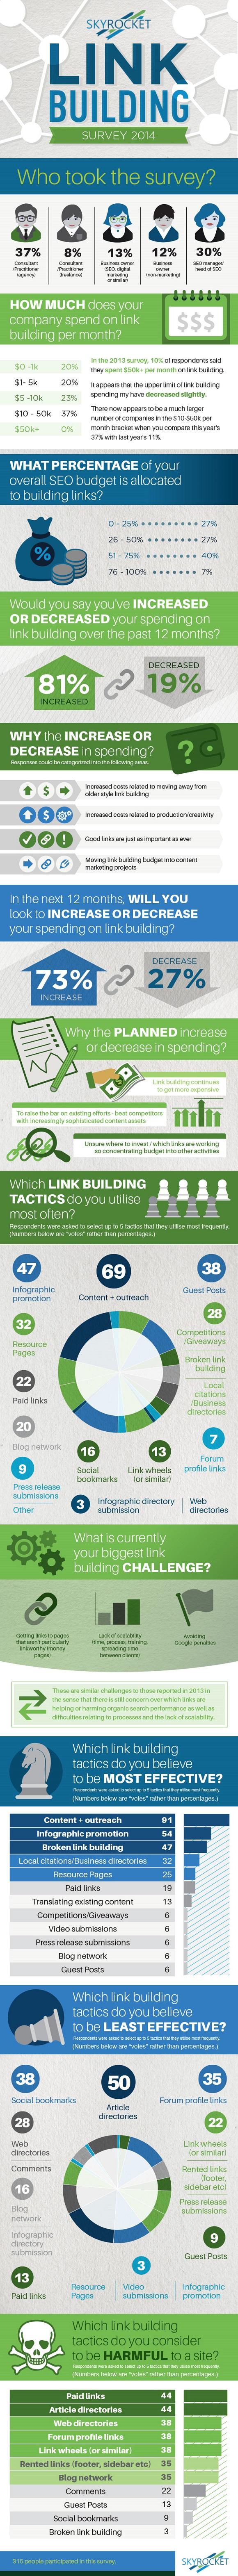 Le statistiche sul link building di SkyRocket nel 2014